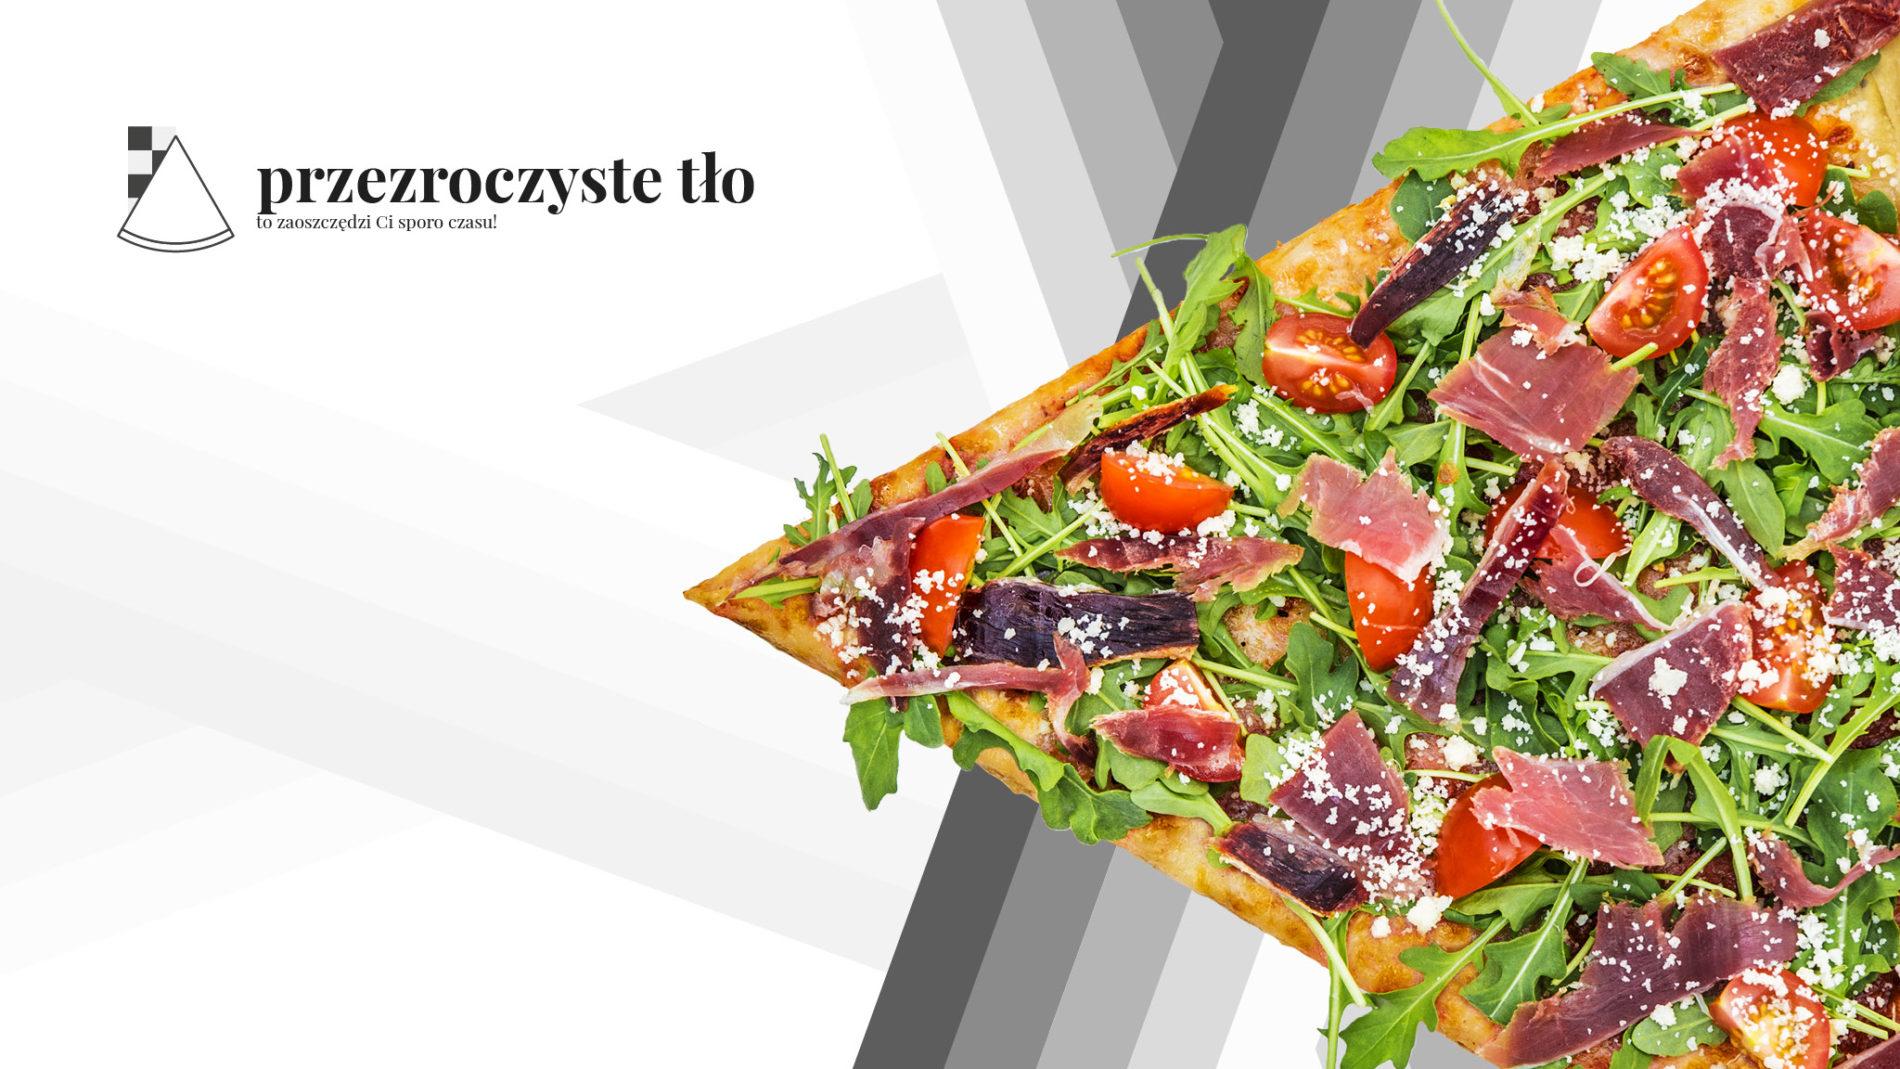 Pizza 60 freebee system – przezroczyste tło zaoszczędzi Ci sporo czasu!